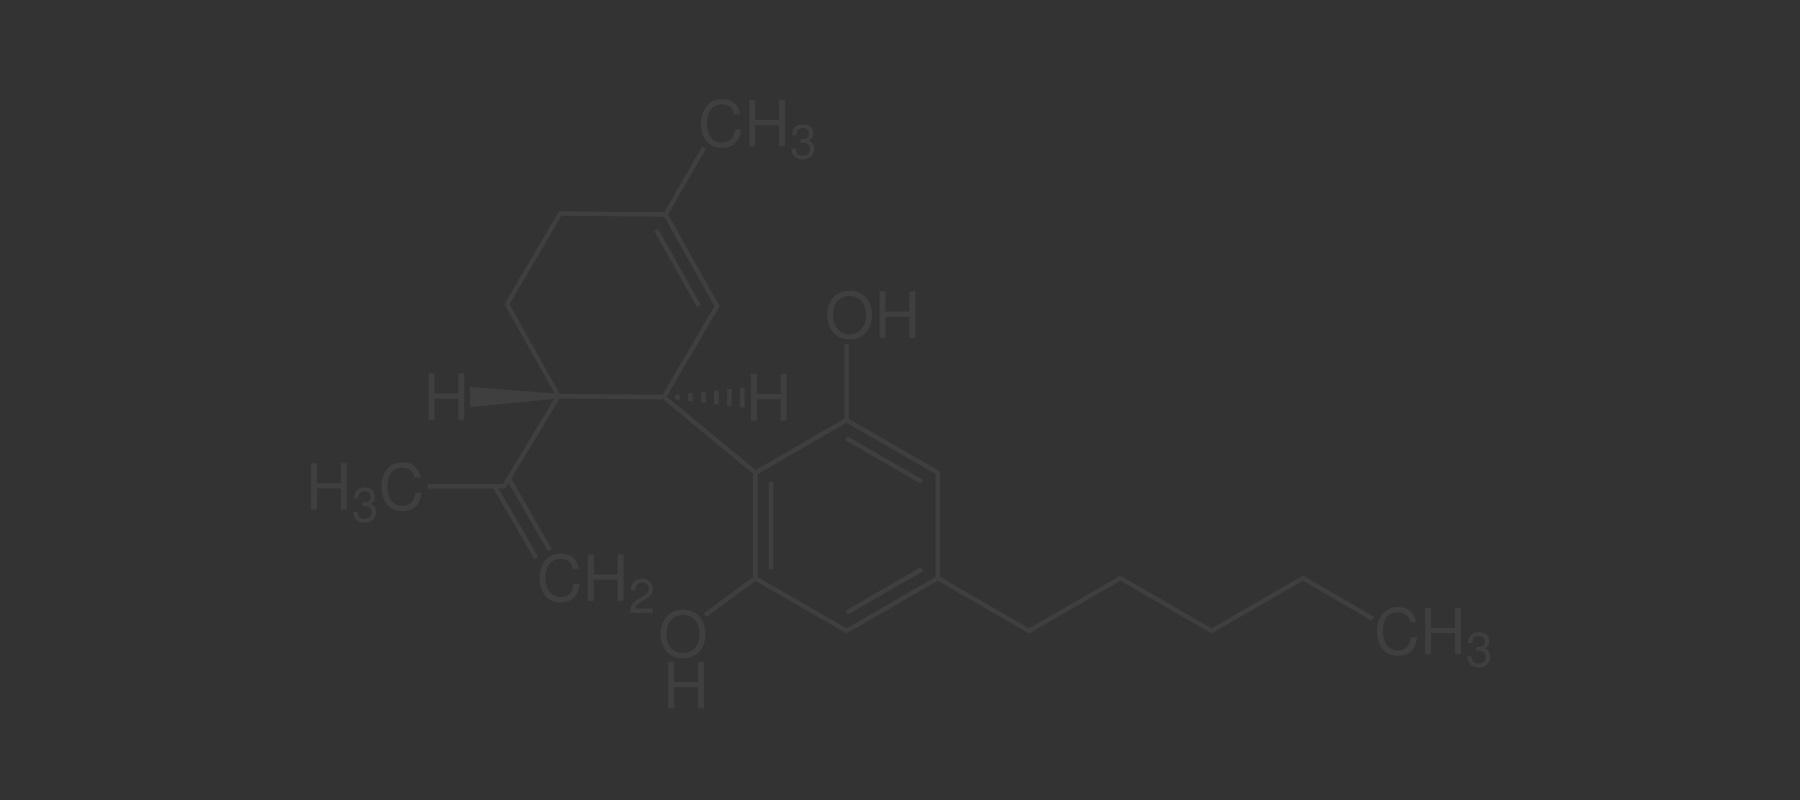 Formula chimica cbd